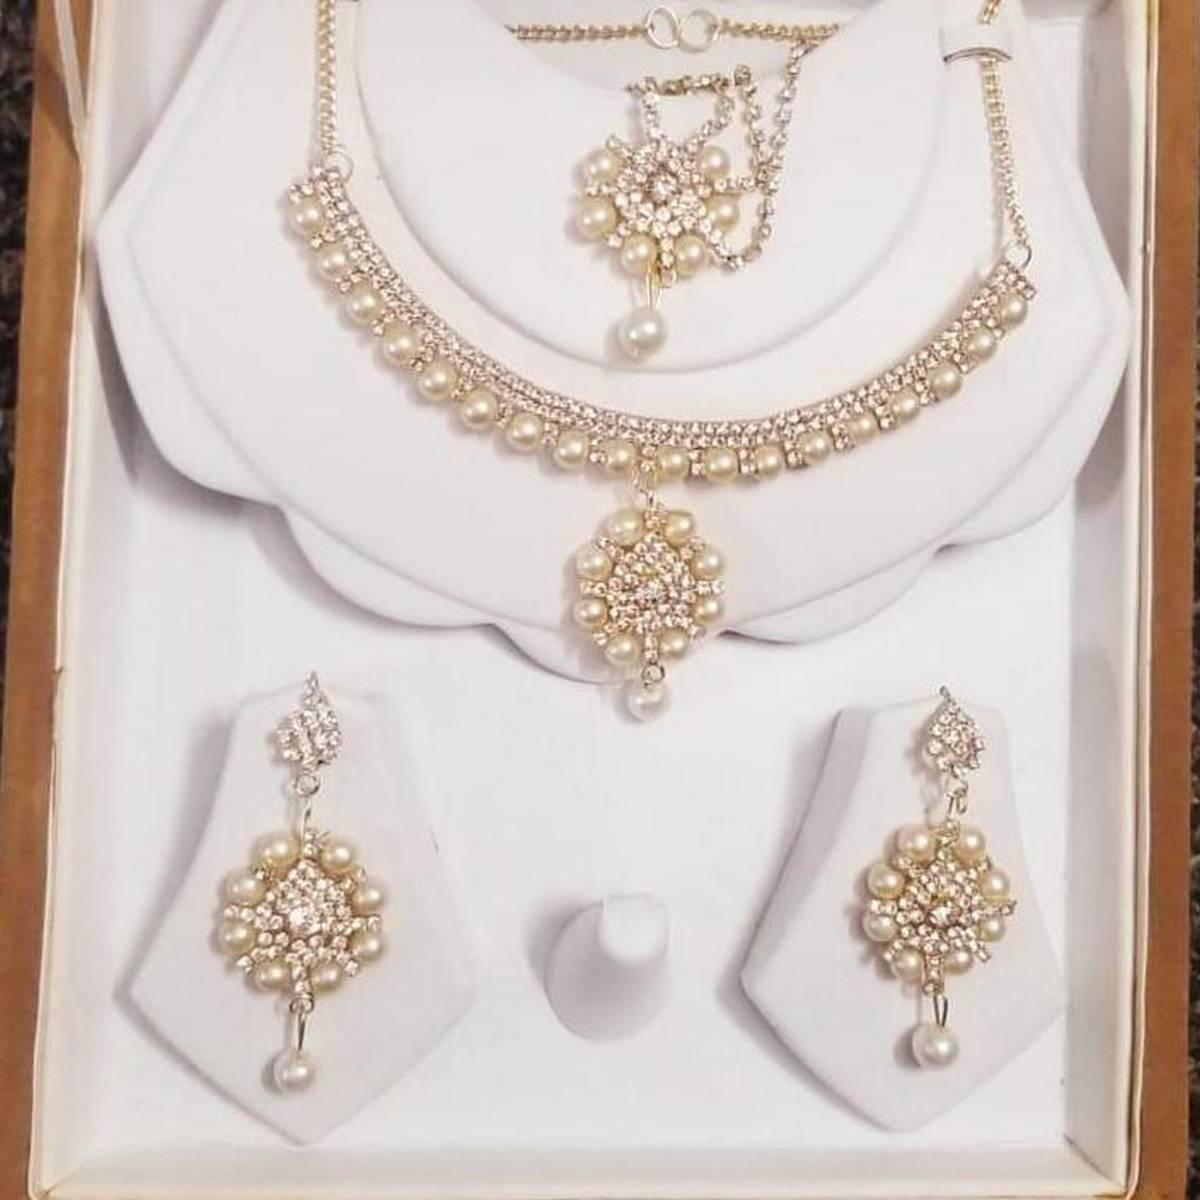 Jewellery Set Golden Zircon With Pearl For Women